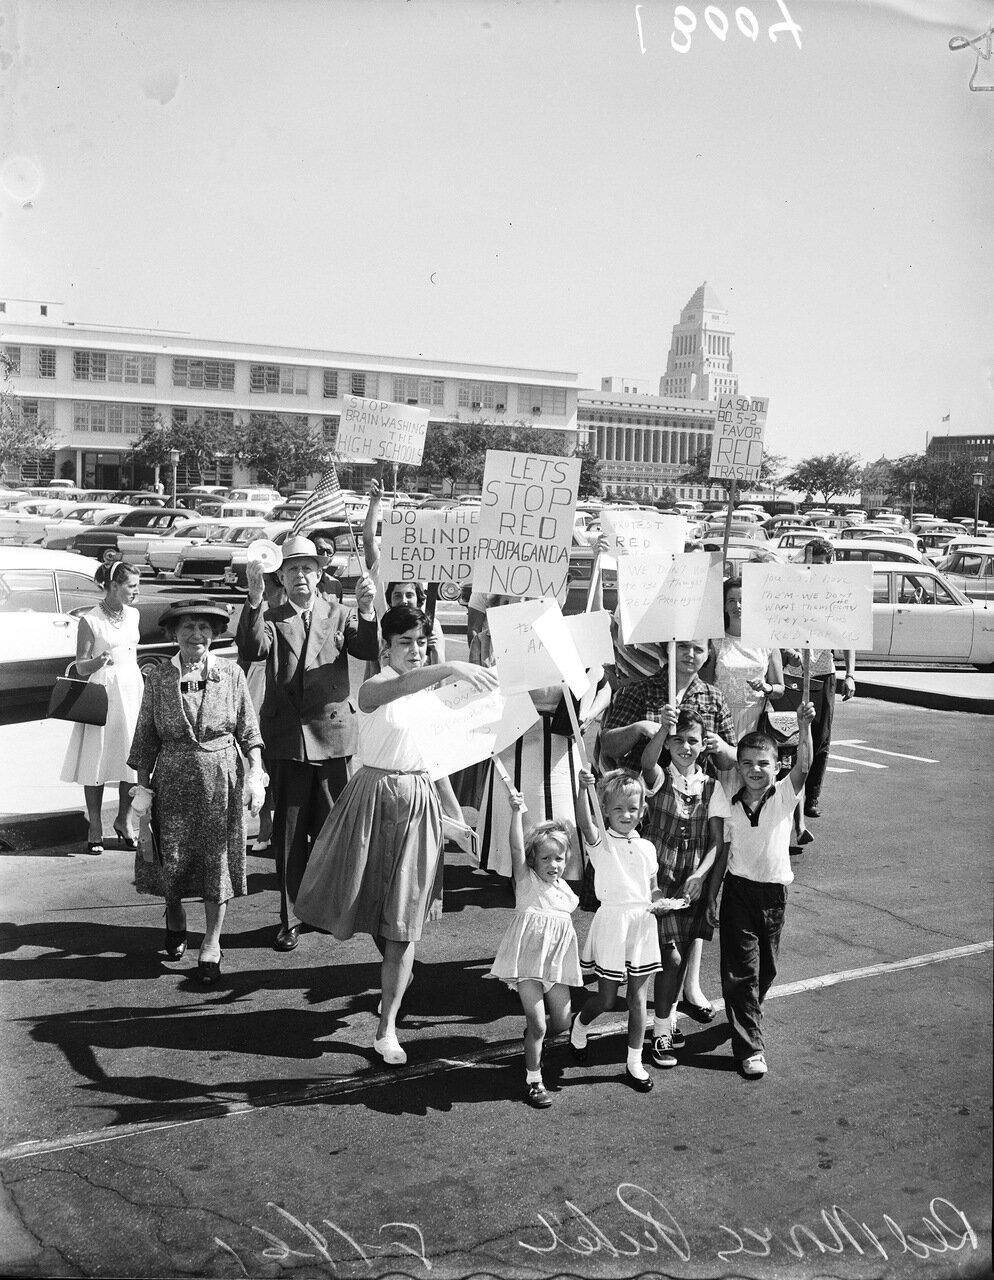 1961. 13 июля. Антикоммунистический пикет перед кинотеатром, где показывают советский фильм.